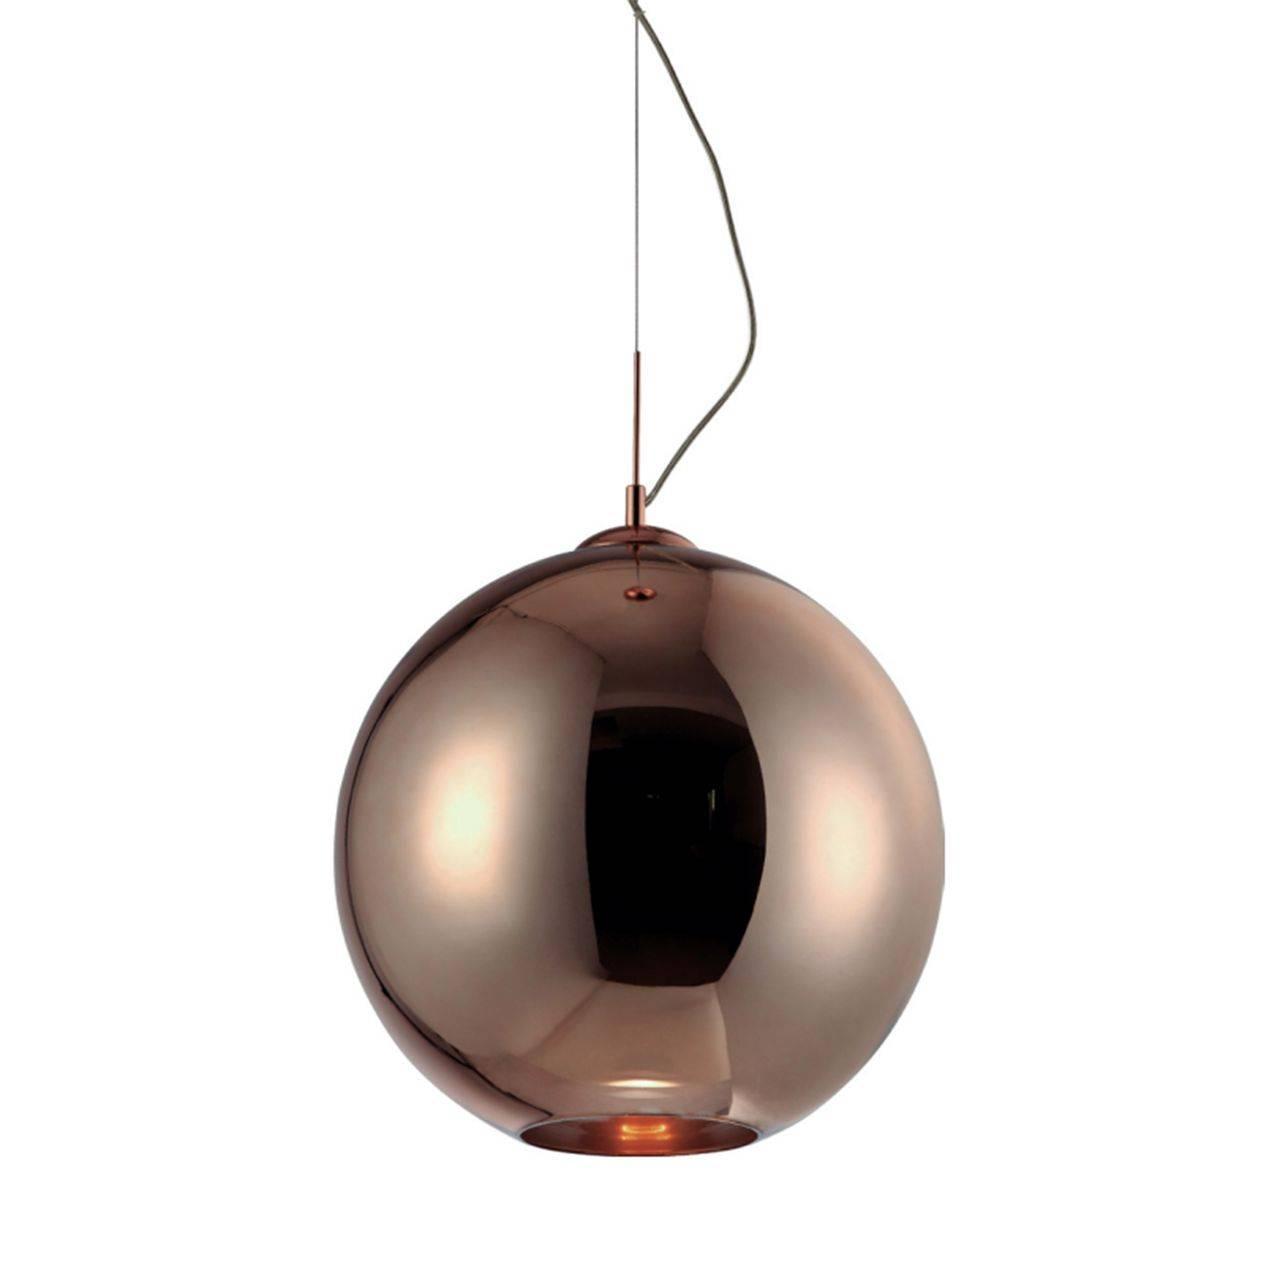 Подвесной светильник Mantra Crystal Bronze 4614 подвесной светильник mantra crystal bronze 4614